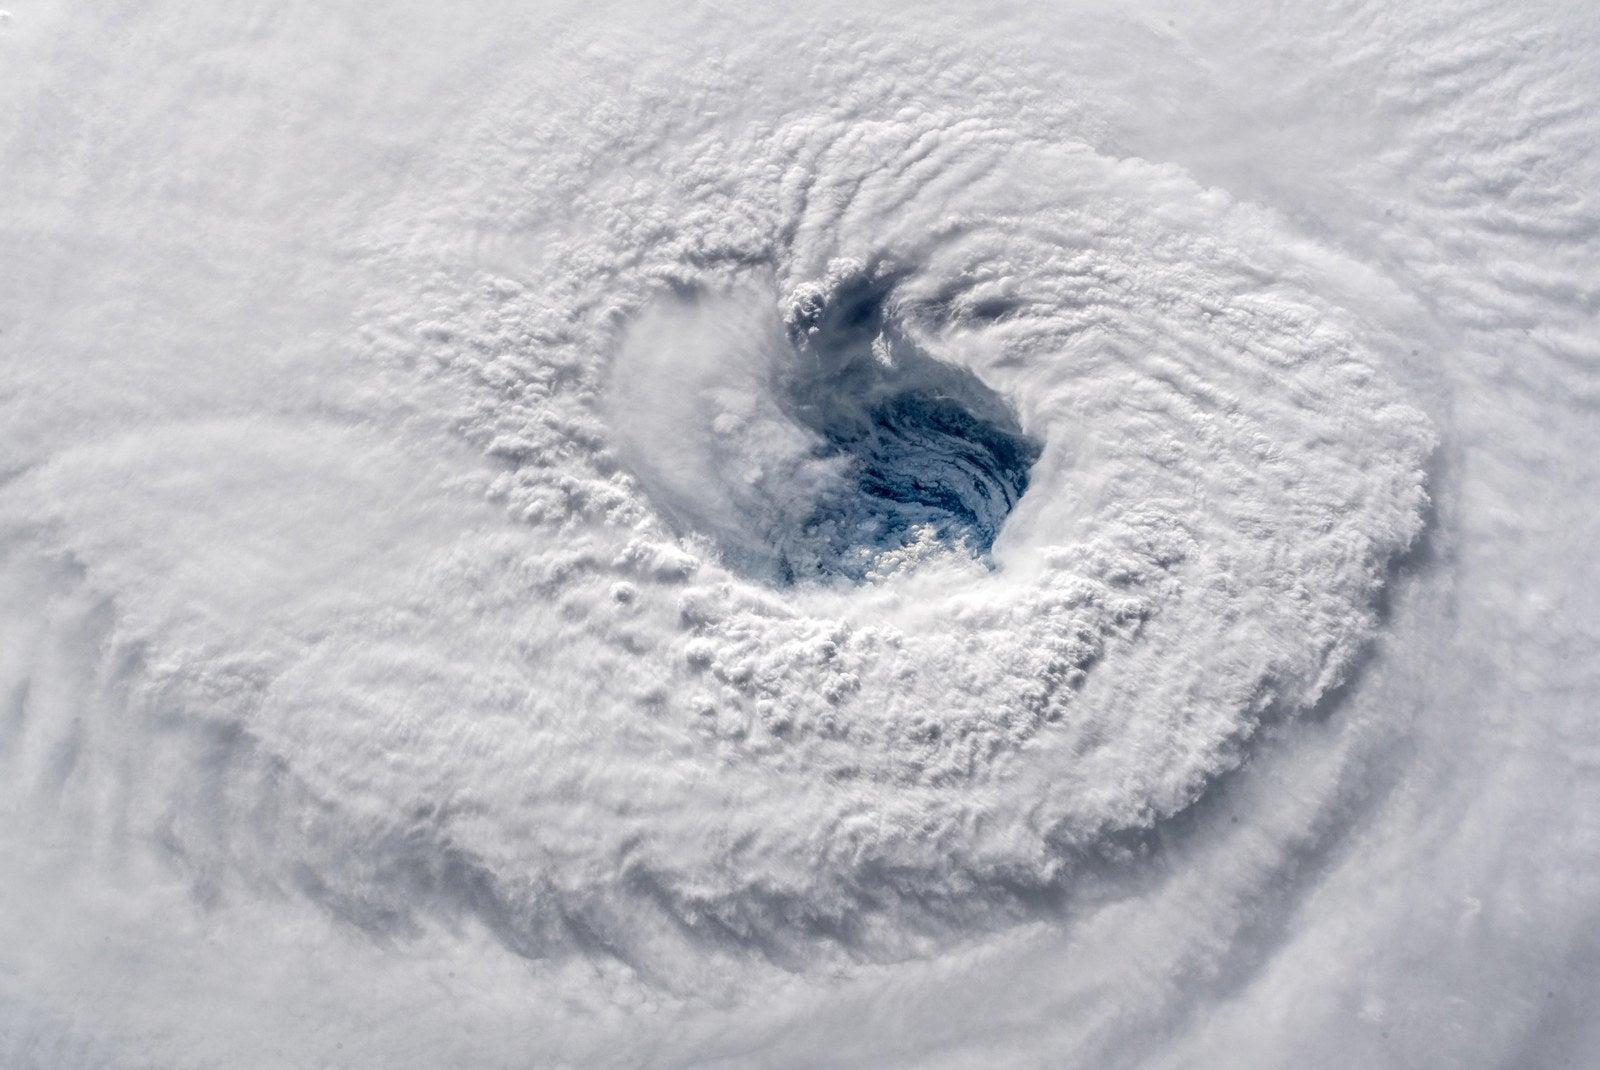 Hurricane Florence churns through the Atlantic Ocean toward the East Coast on Sept. 12.